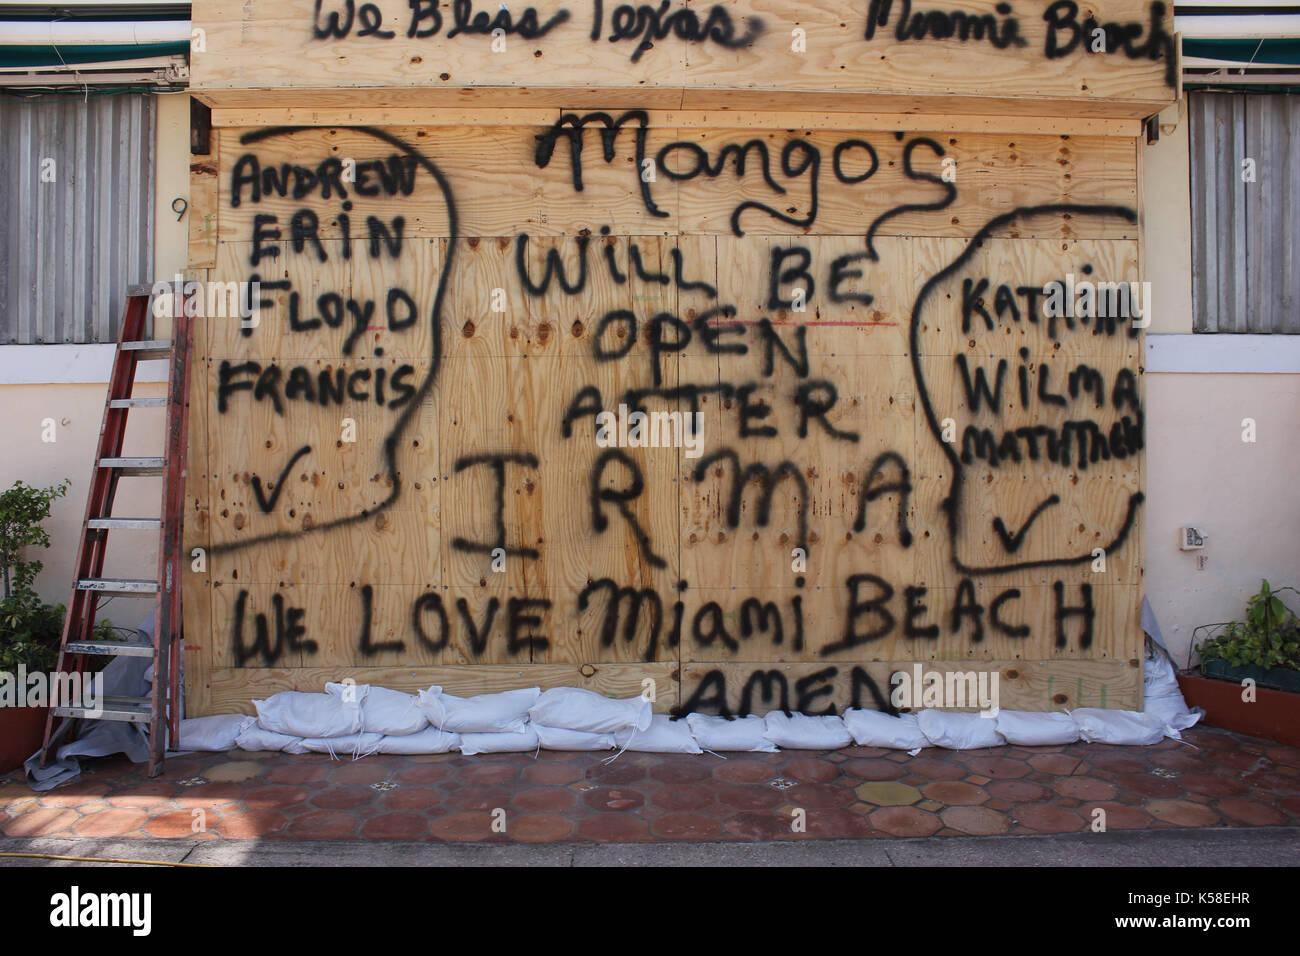 Miami Beach, Verlassen, vor Hurrikan Irma, 8. September 2017 Stockbild